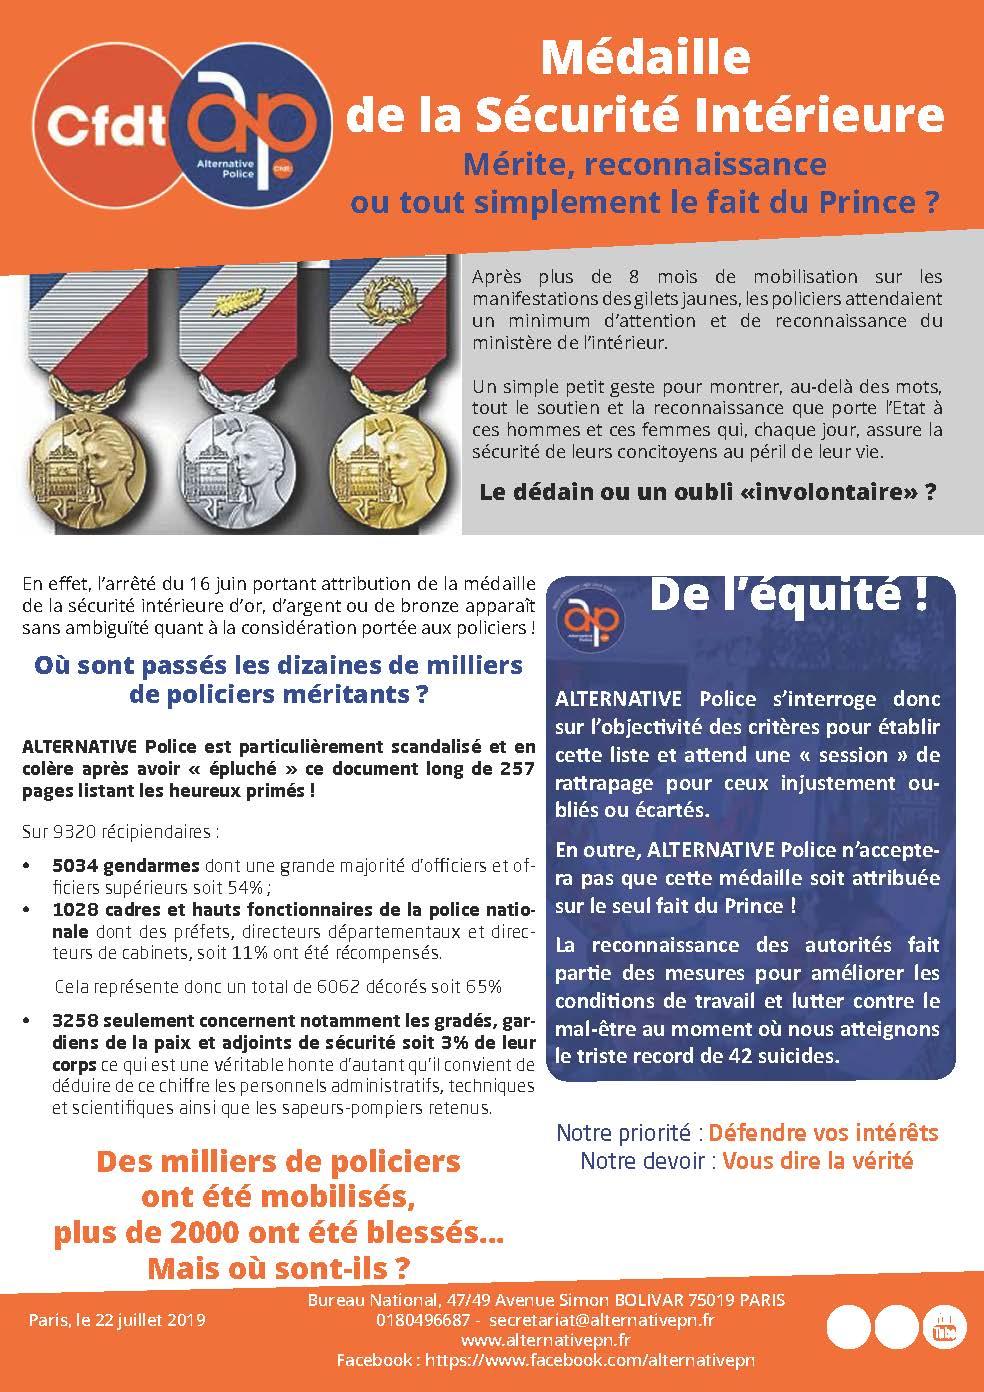 Médaille de la Sécurité Intérieure - MSI